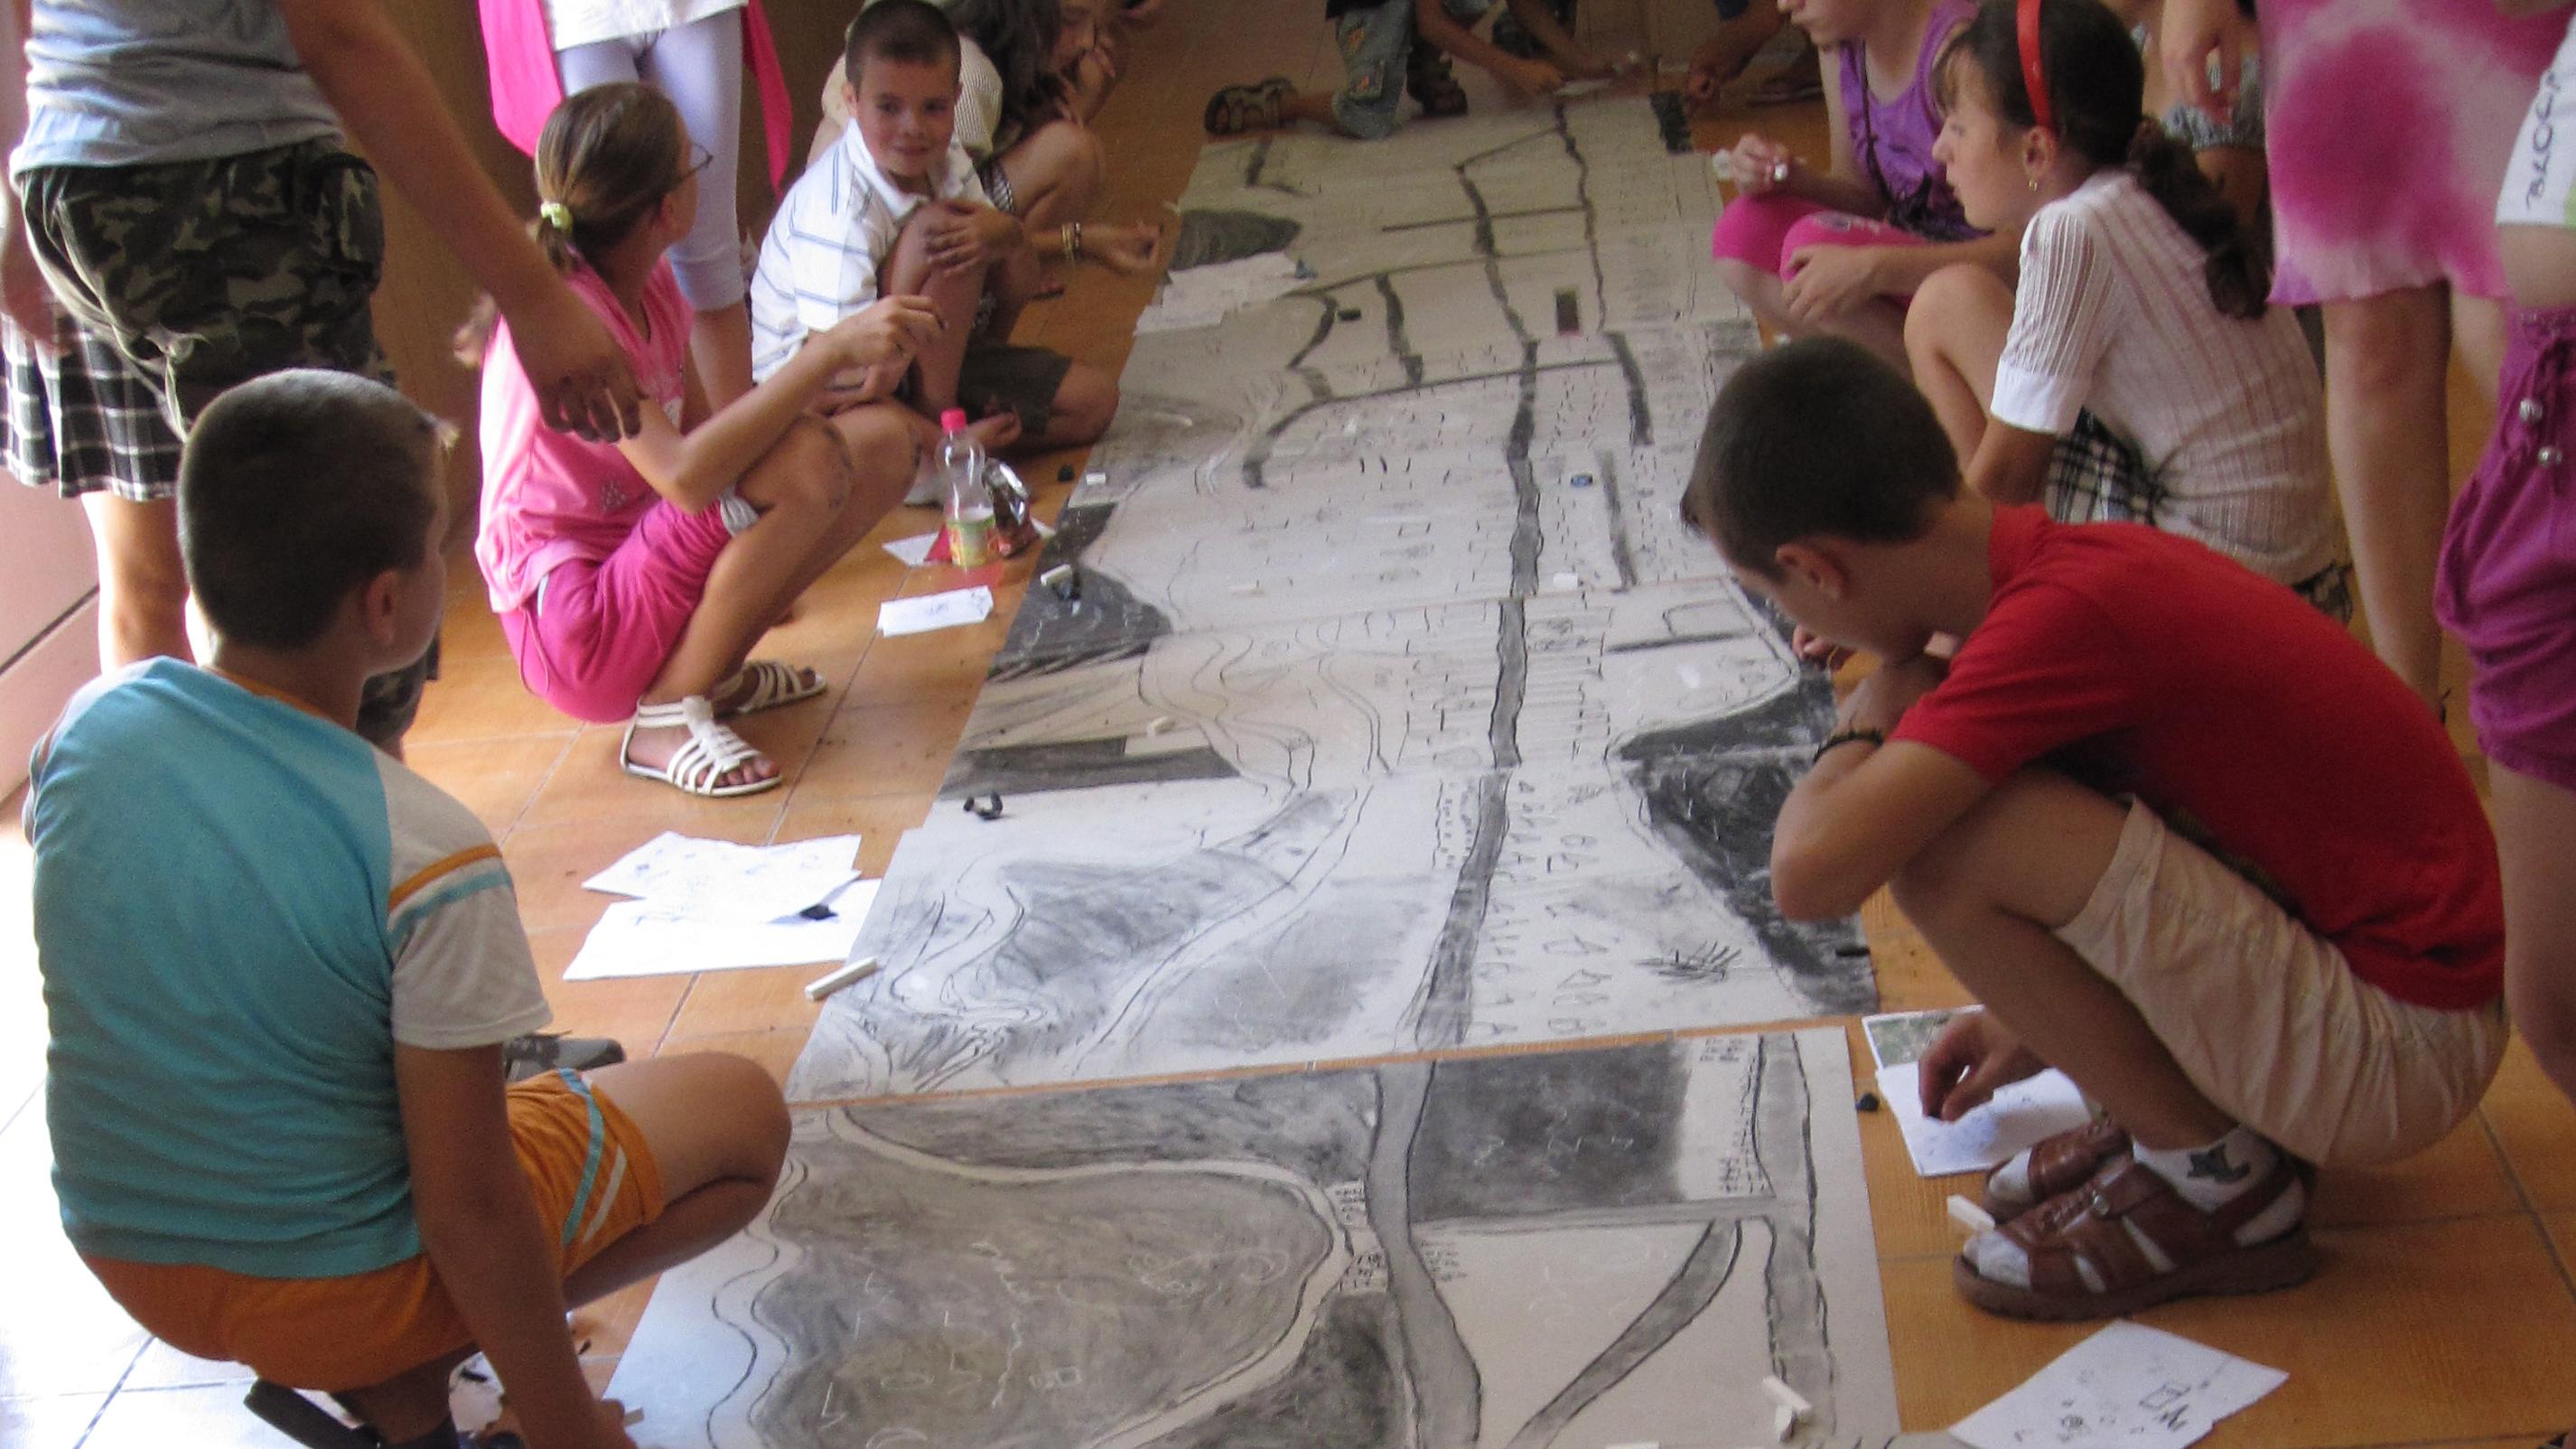 Children participating in workshop